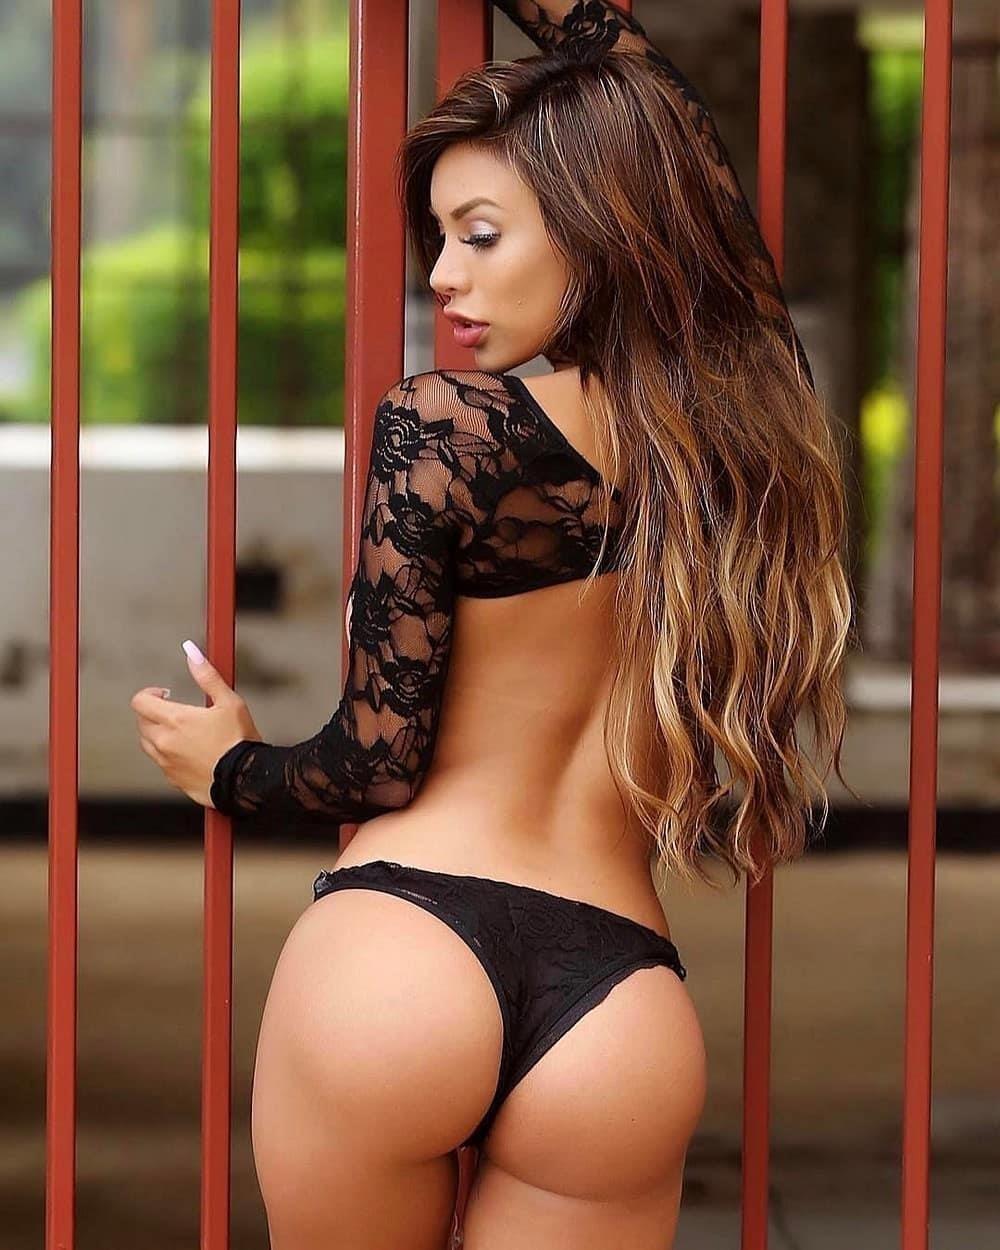 Чат рулетка онлайн девушка казино в казахстане фото